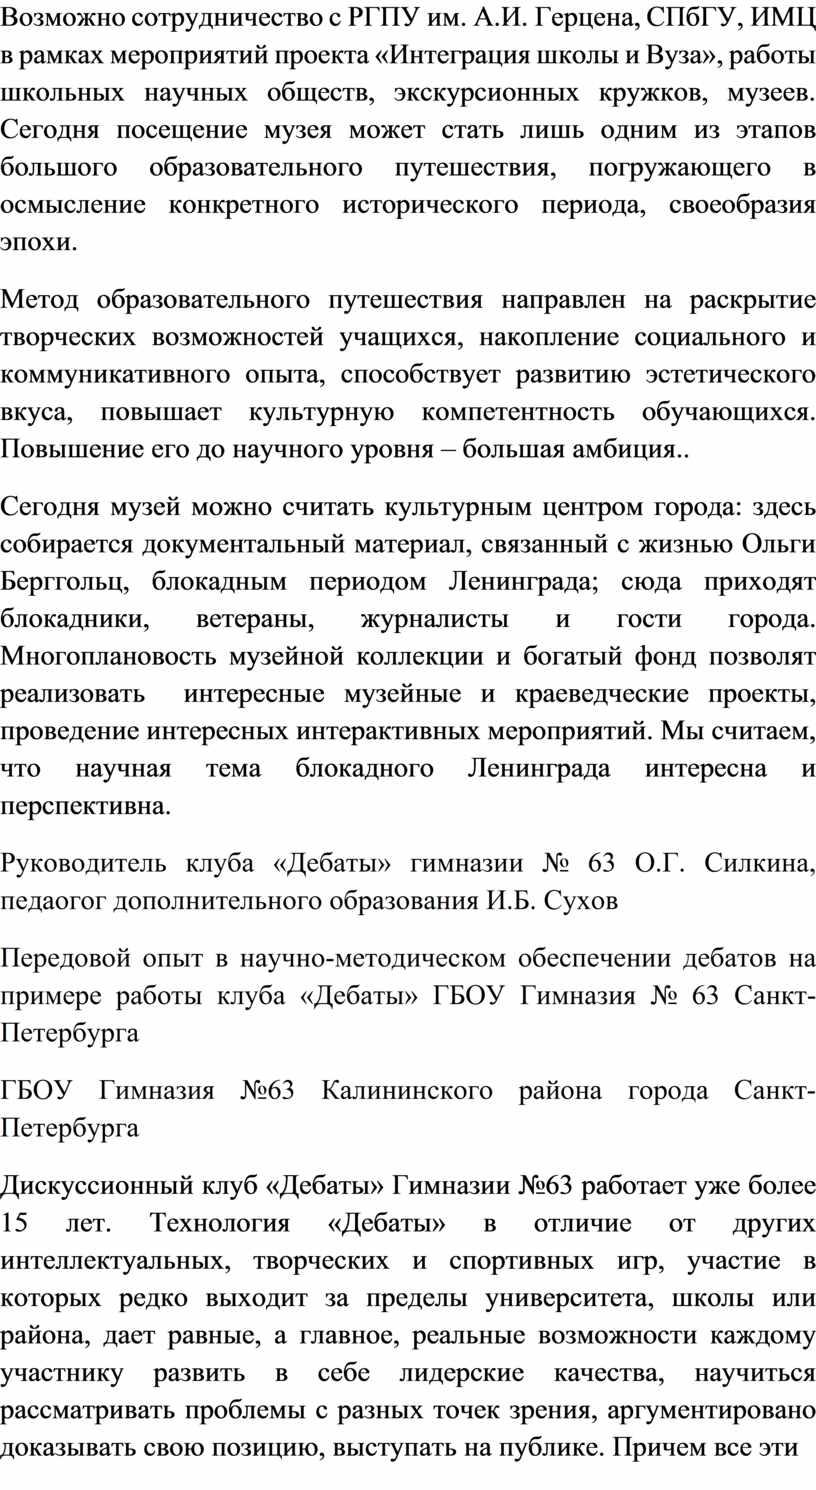 Возможно сотрудничество с РГПУ им